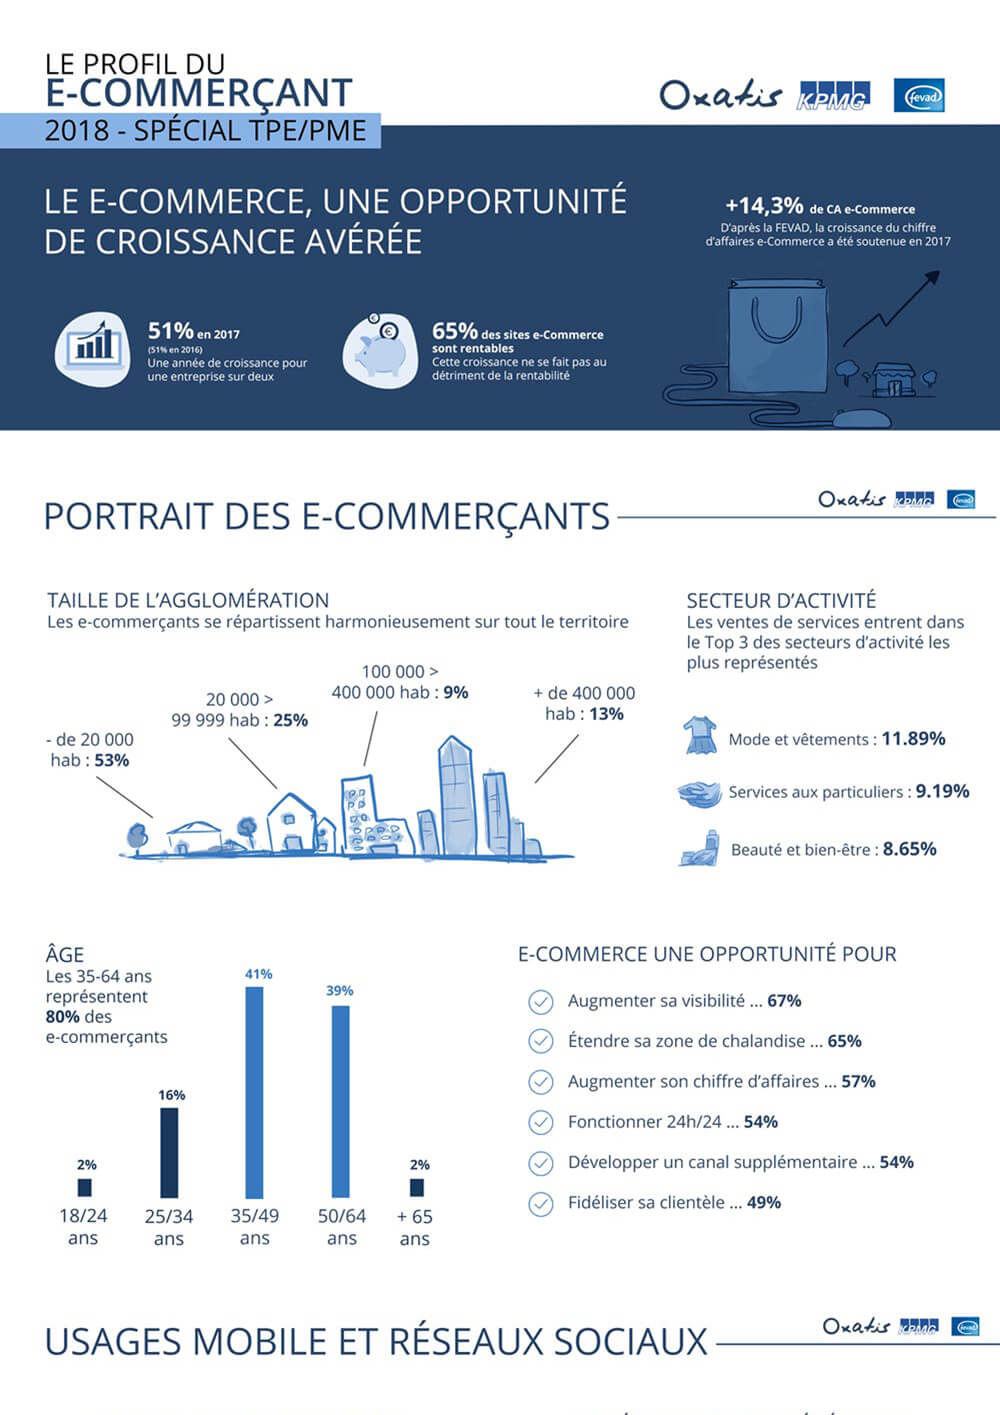 Etude e-Commerce : Profil du e-Commerçant Oxatis 2018